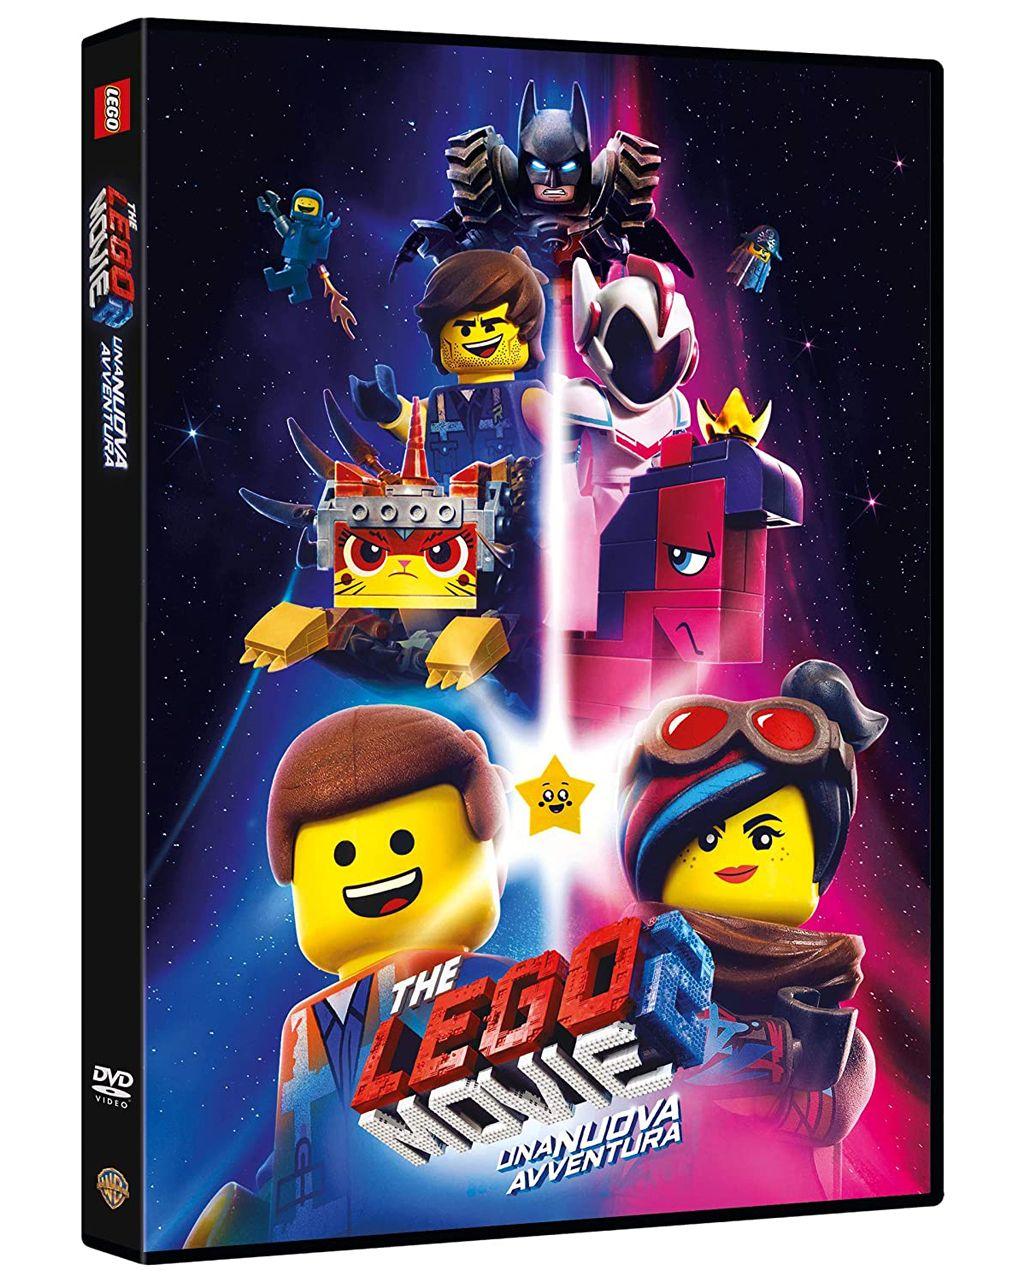 Dvd lego movie 2 (the) - una nuova avventura - Video Delta